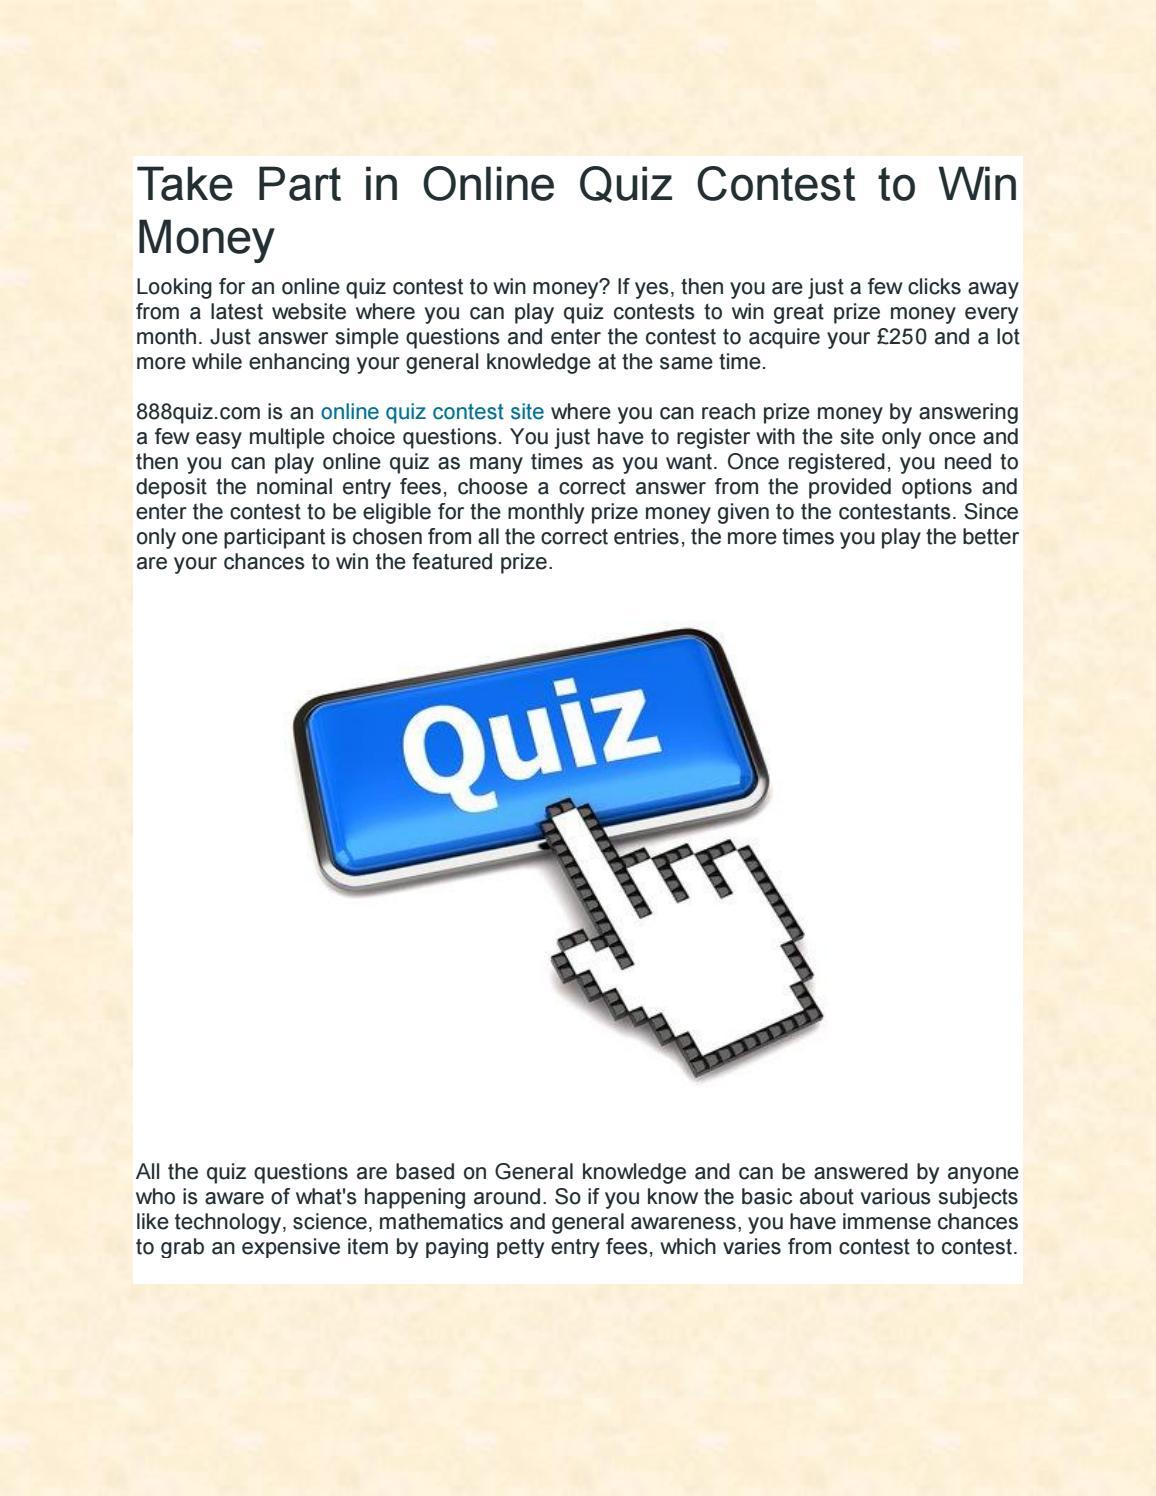 Online quiz contest to win money by 888quiz - issuu